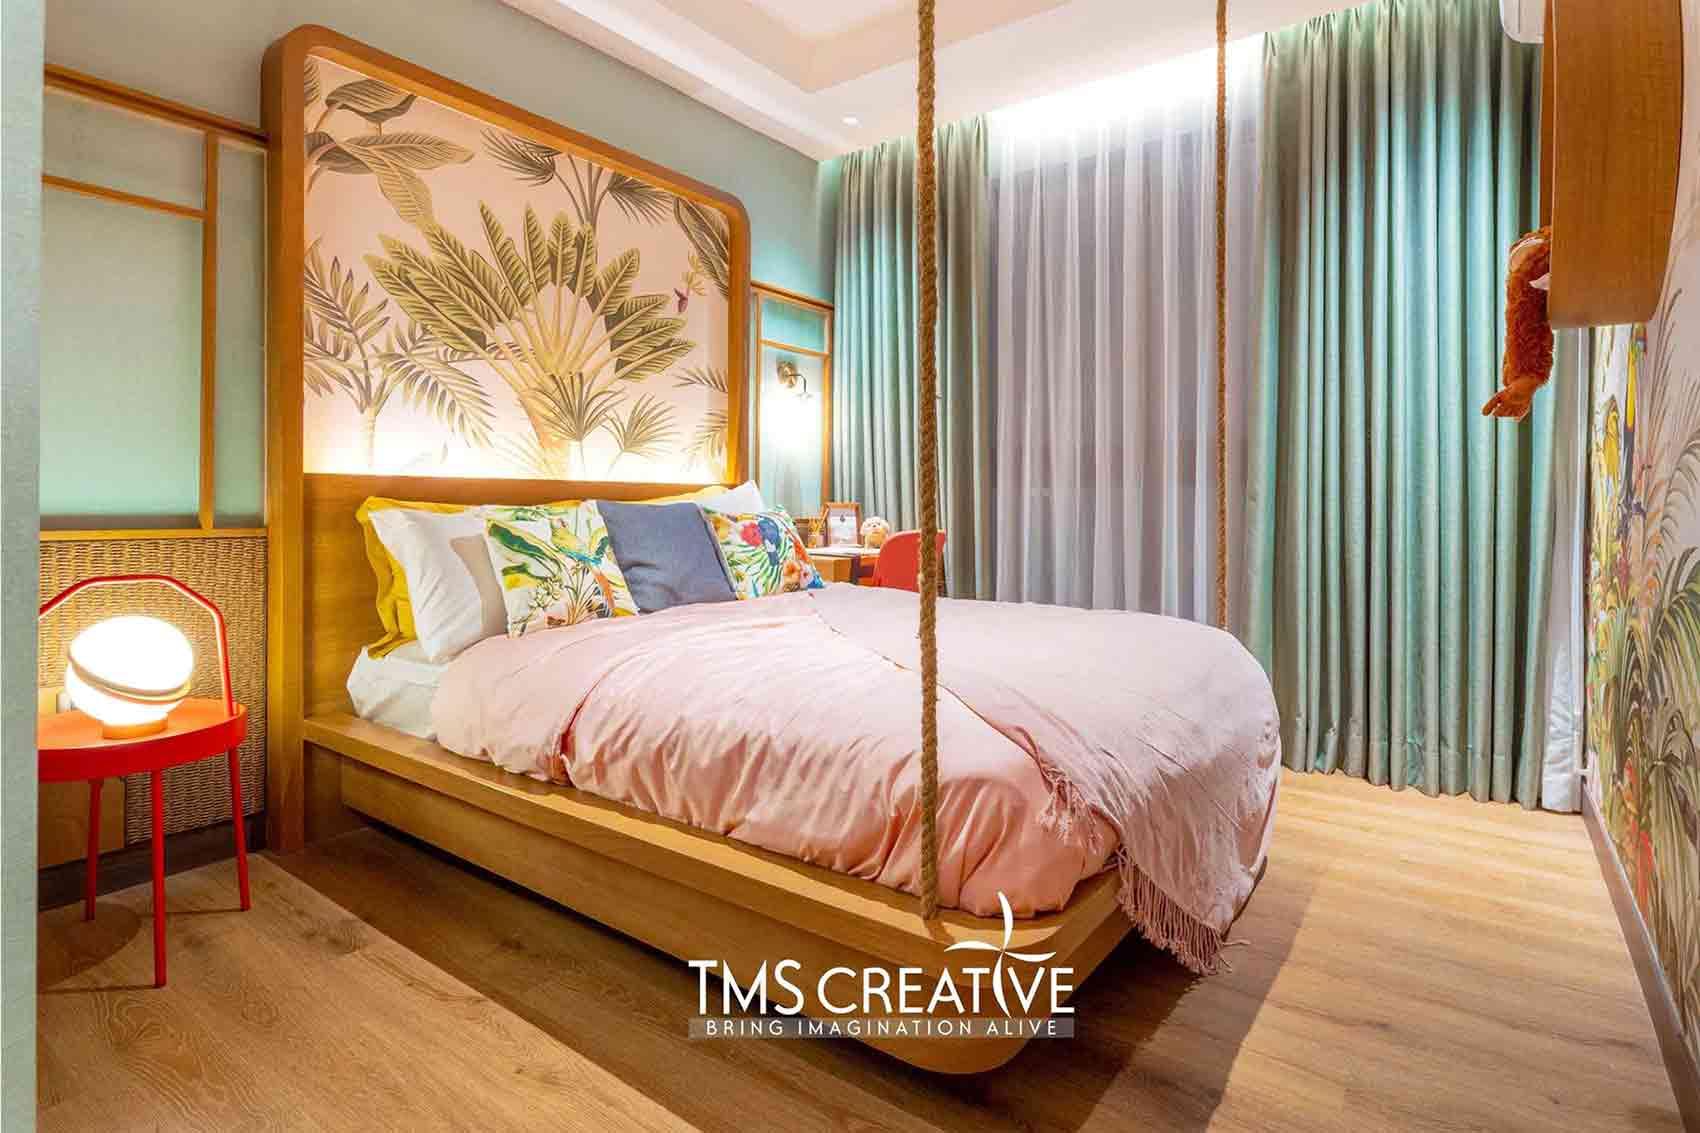 Desain kamar tidur dengan lantai kayu karya TMS Creative, via arsitag.com